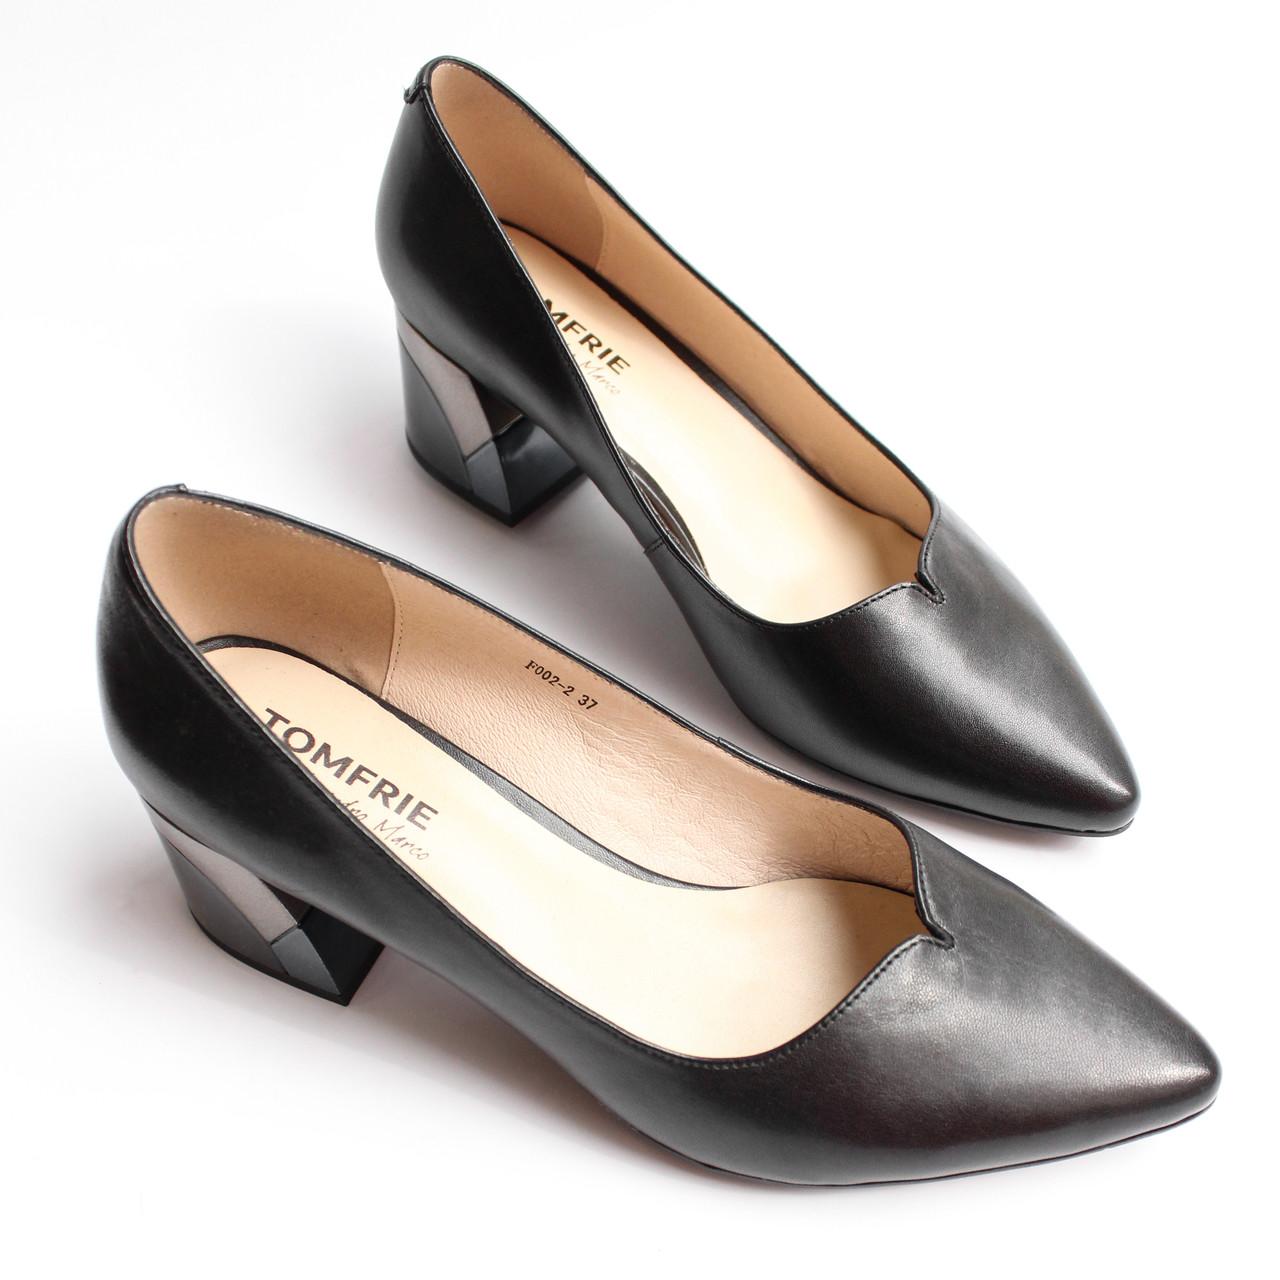 Жіночі шкіряні чорні туфлі